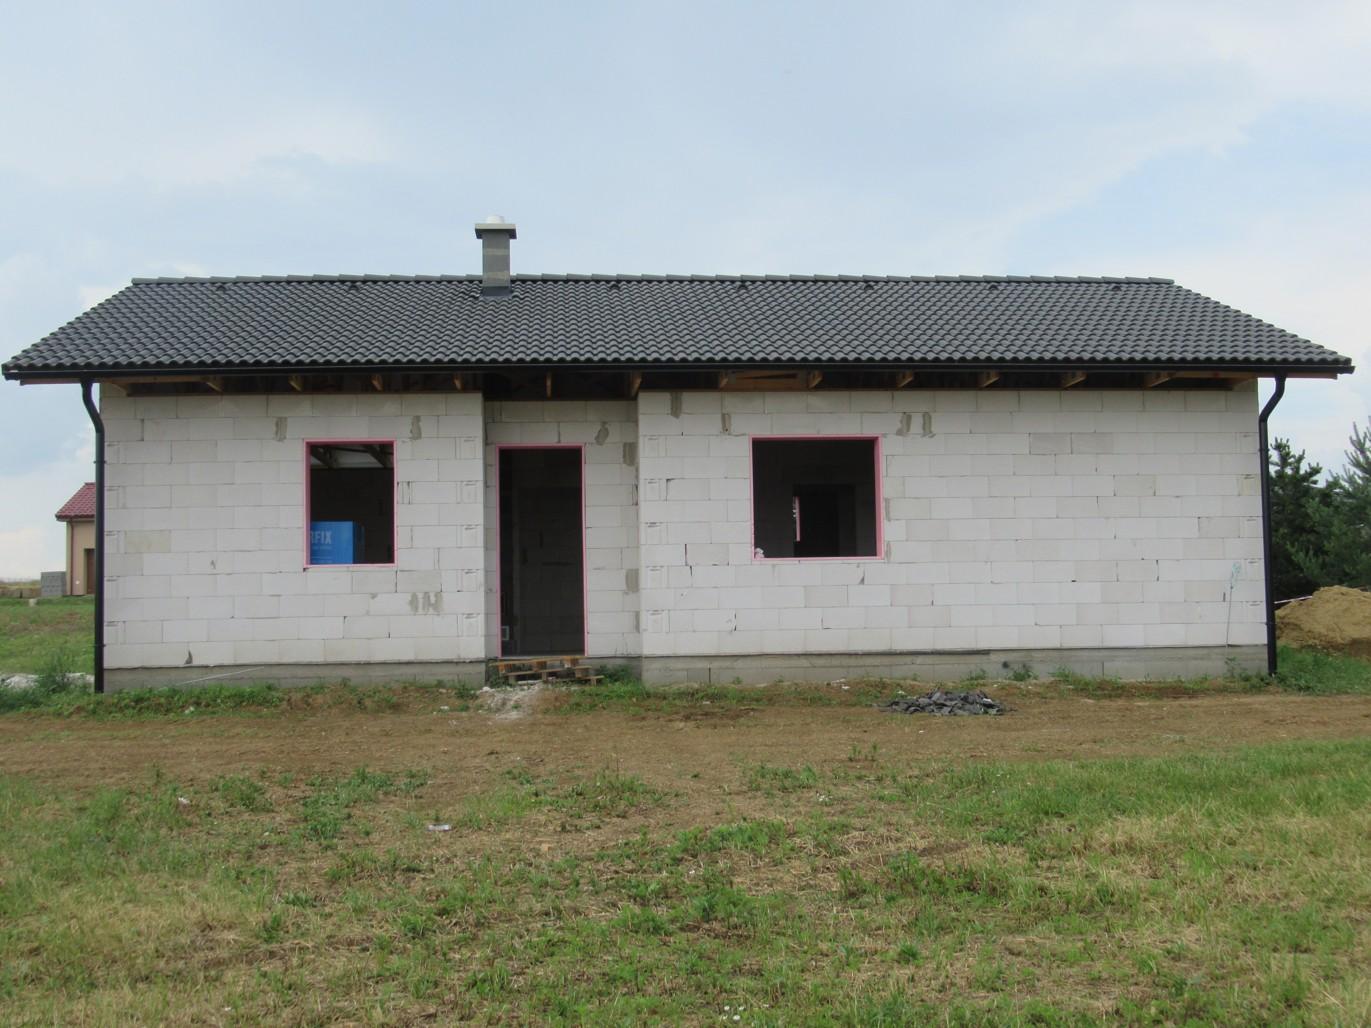 Väzníková strecha na kľúč s krytinou Terran Danubia Colorsystém Antracit Klasov okr. Nitra - Obrázok č. 6